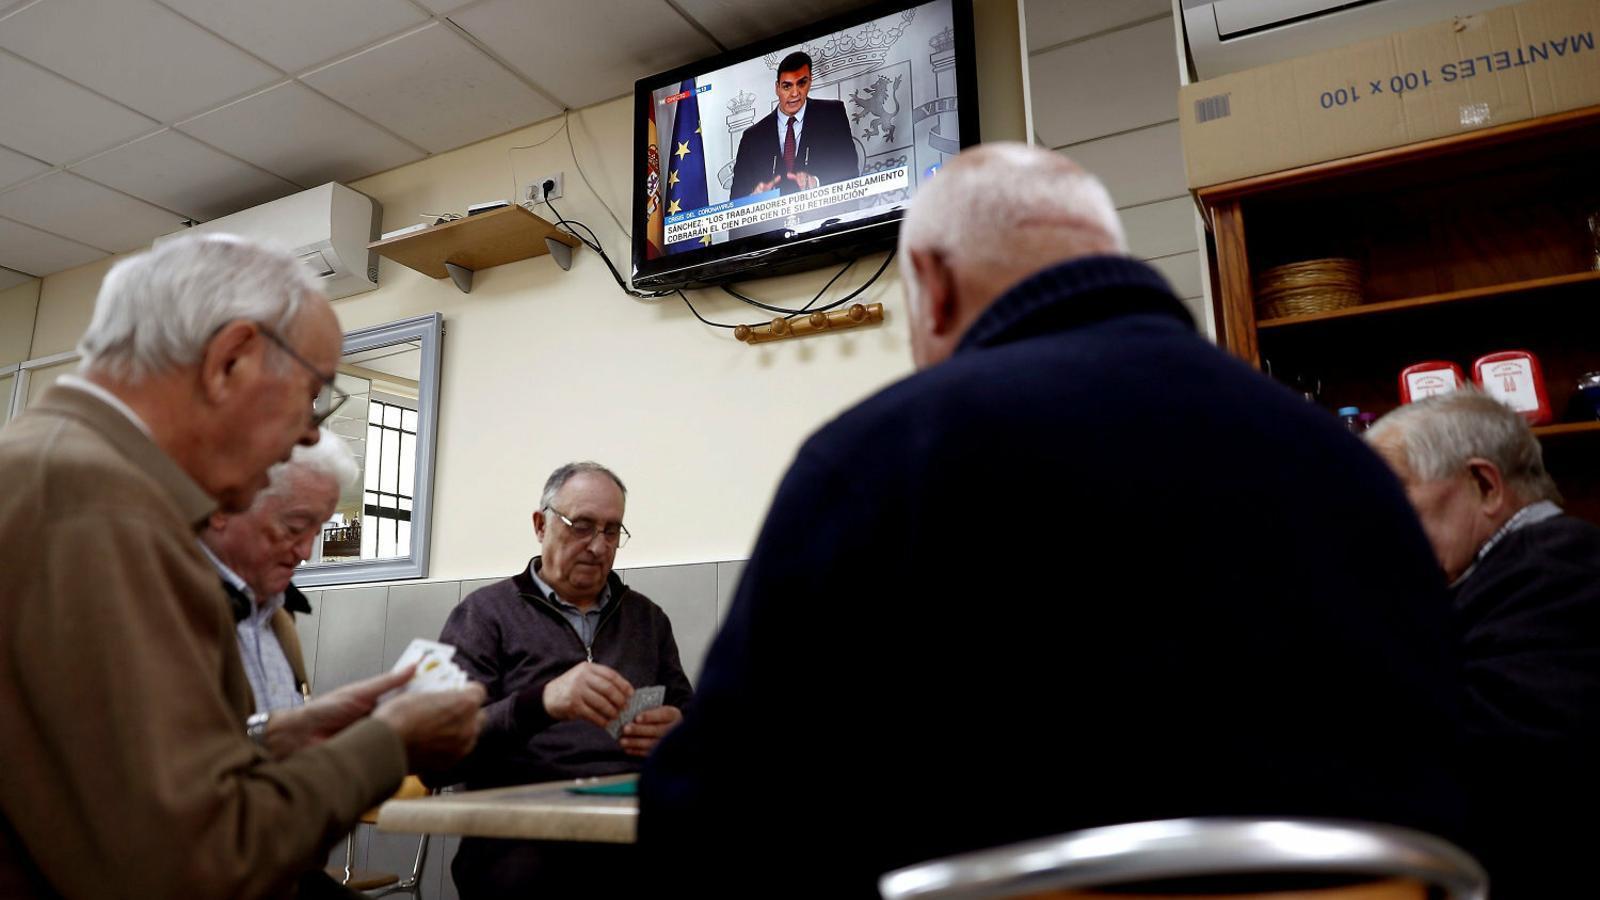 Un grup d'homes jugant a cartes en un bar de Madrid durant la roda de premsa de Pedro Sánchez.